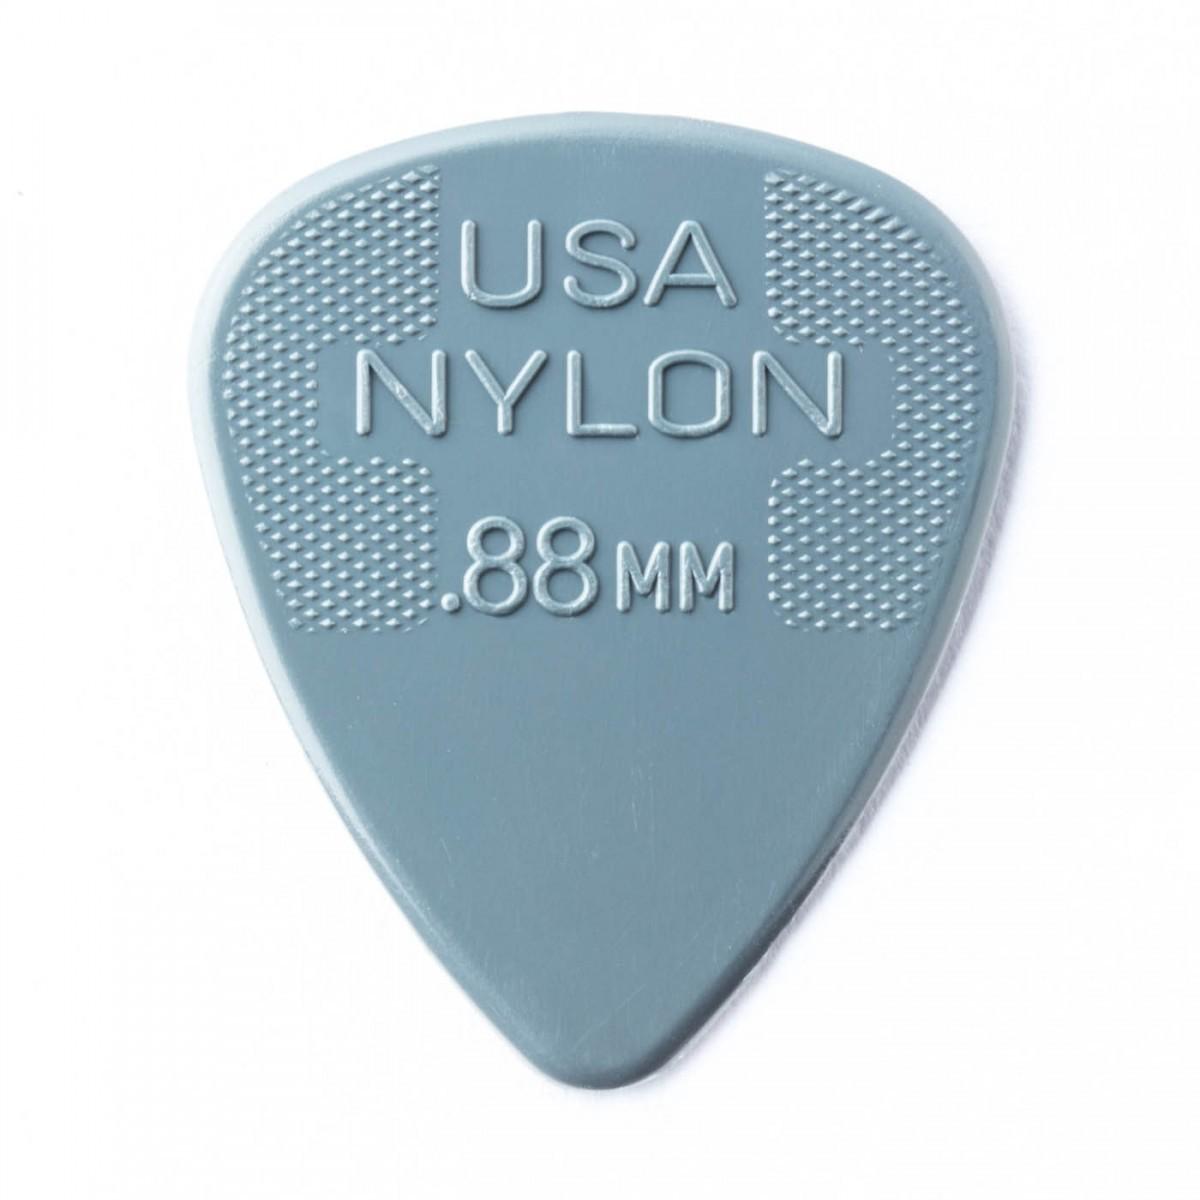 Dunlop Nylon